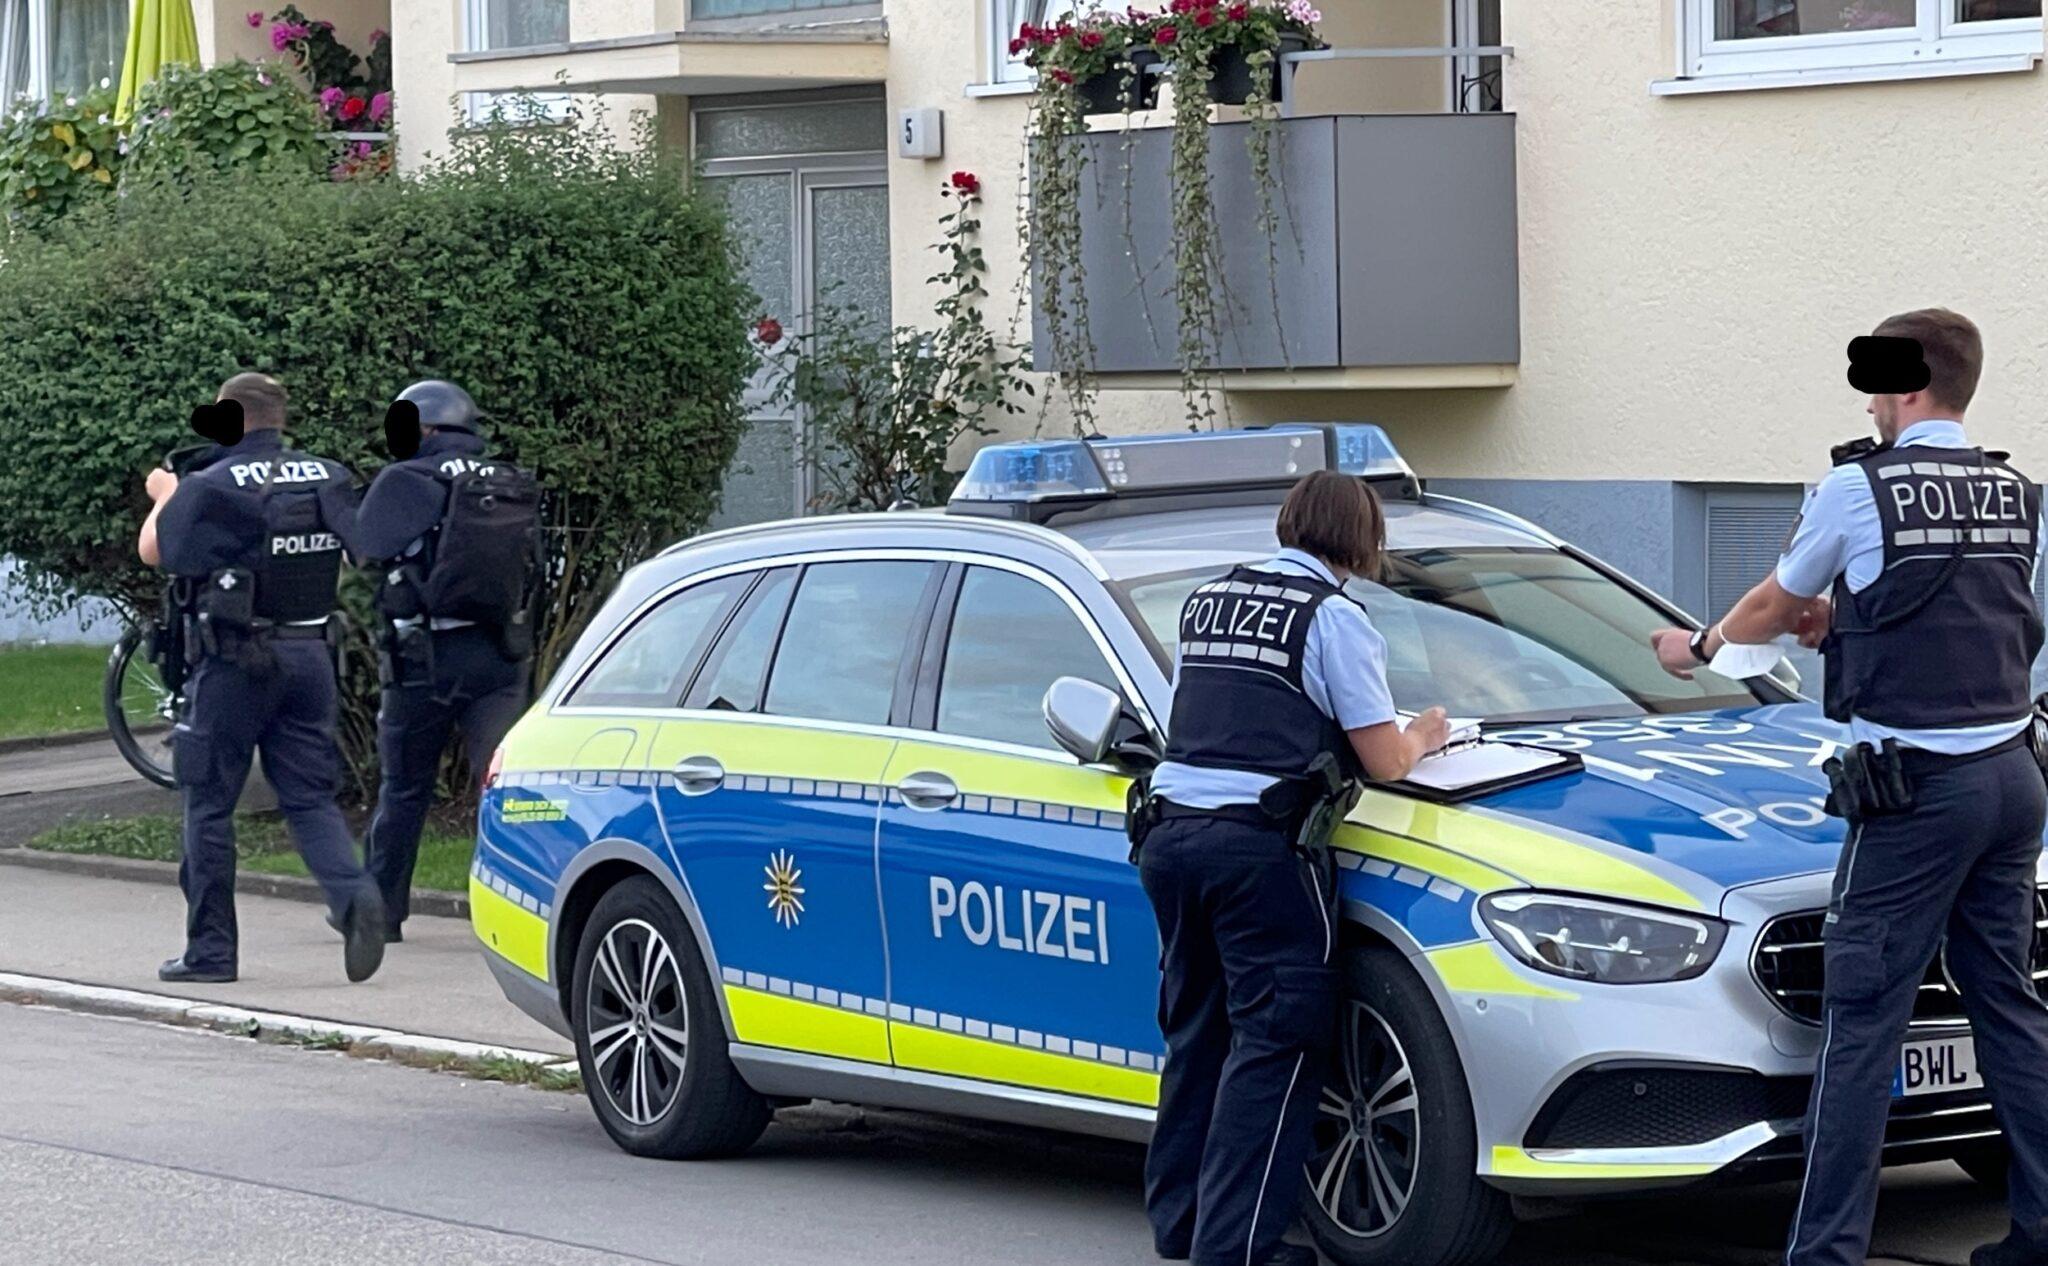 Polizei am Einsatzort. Archiv-Bild: gg